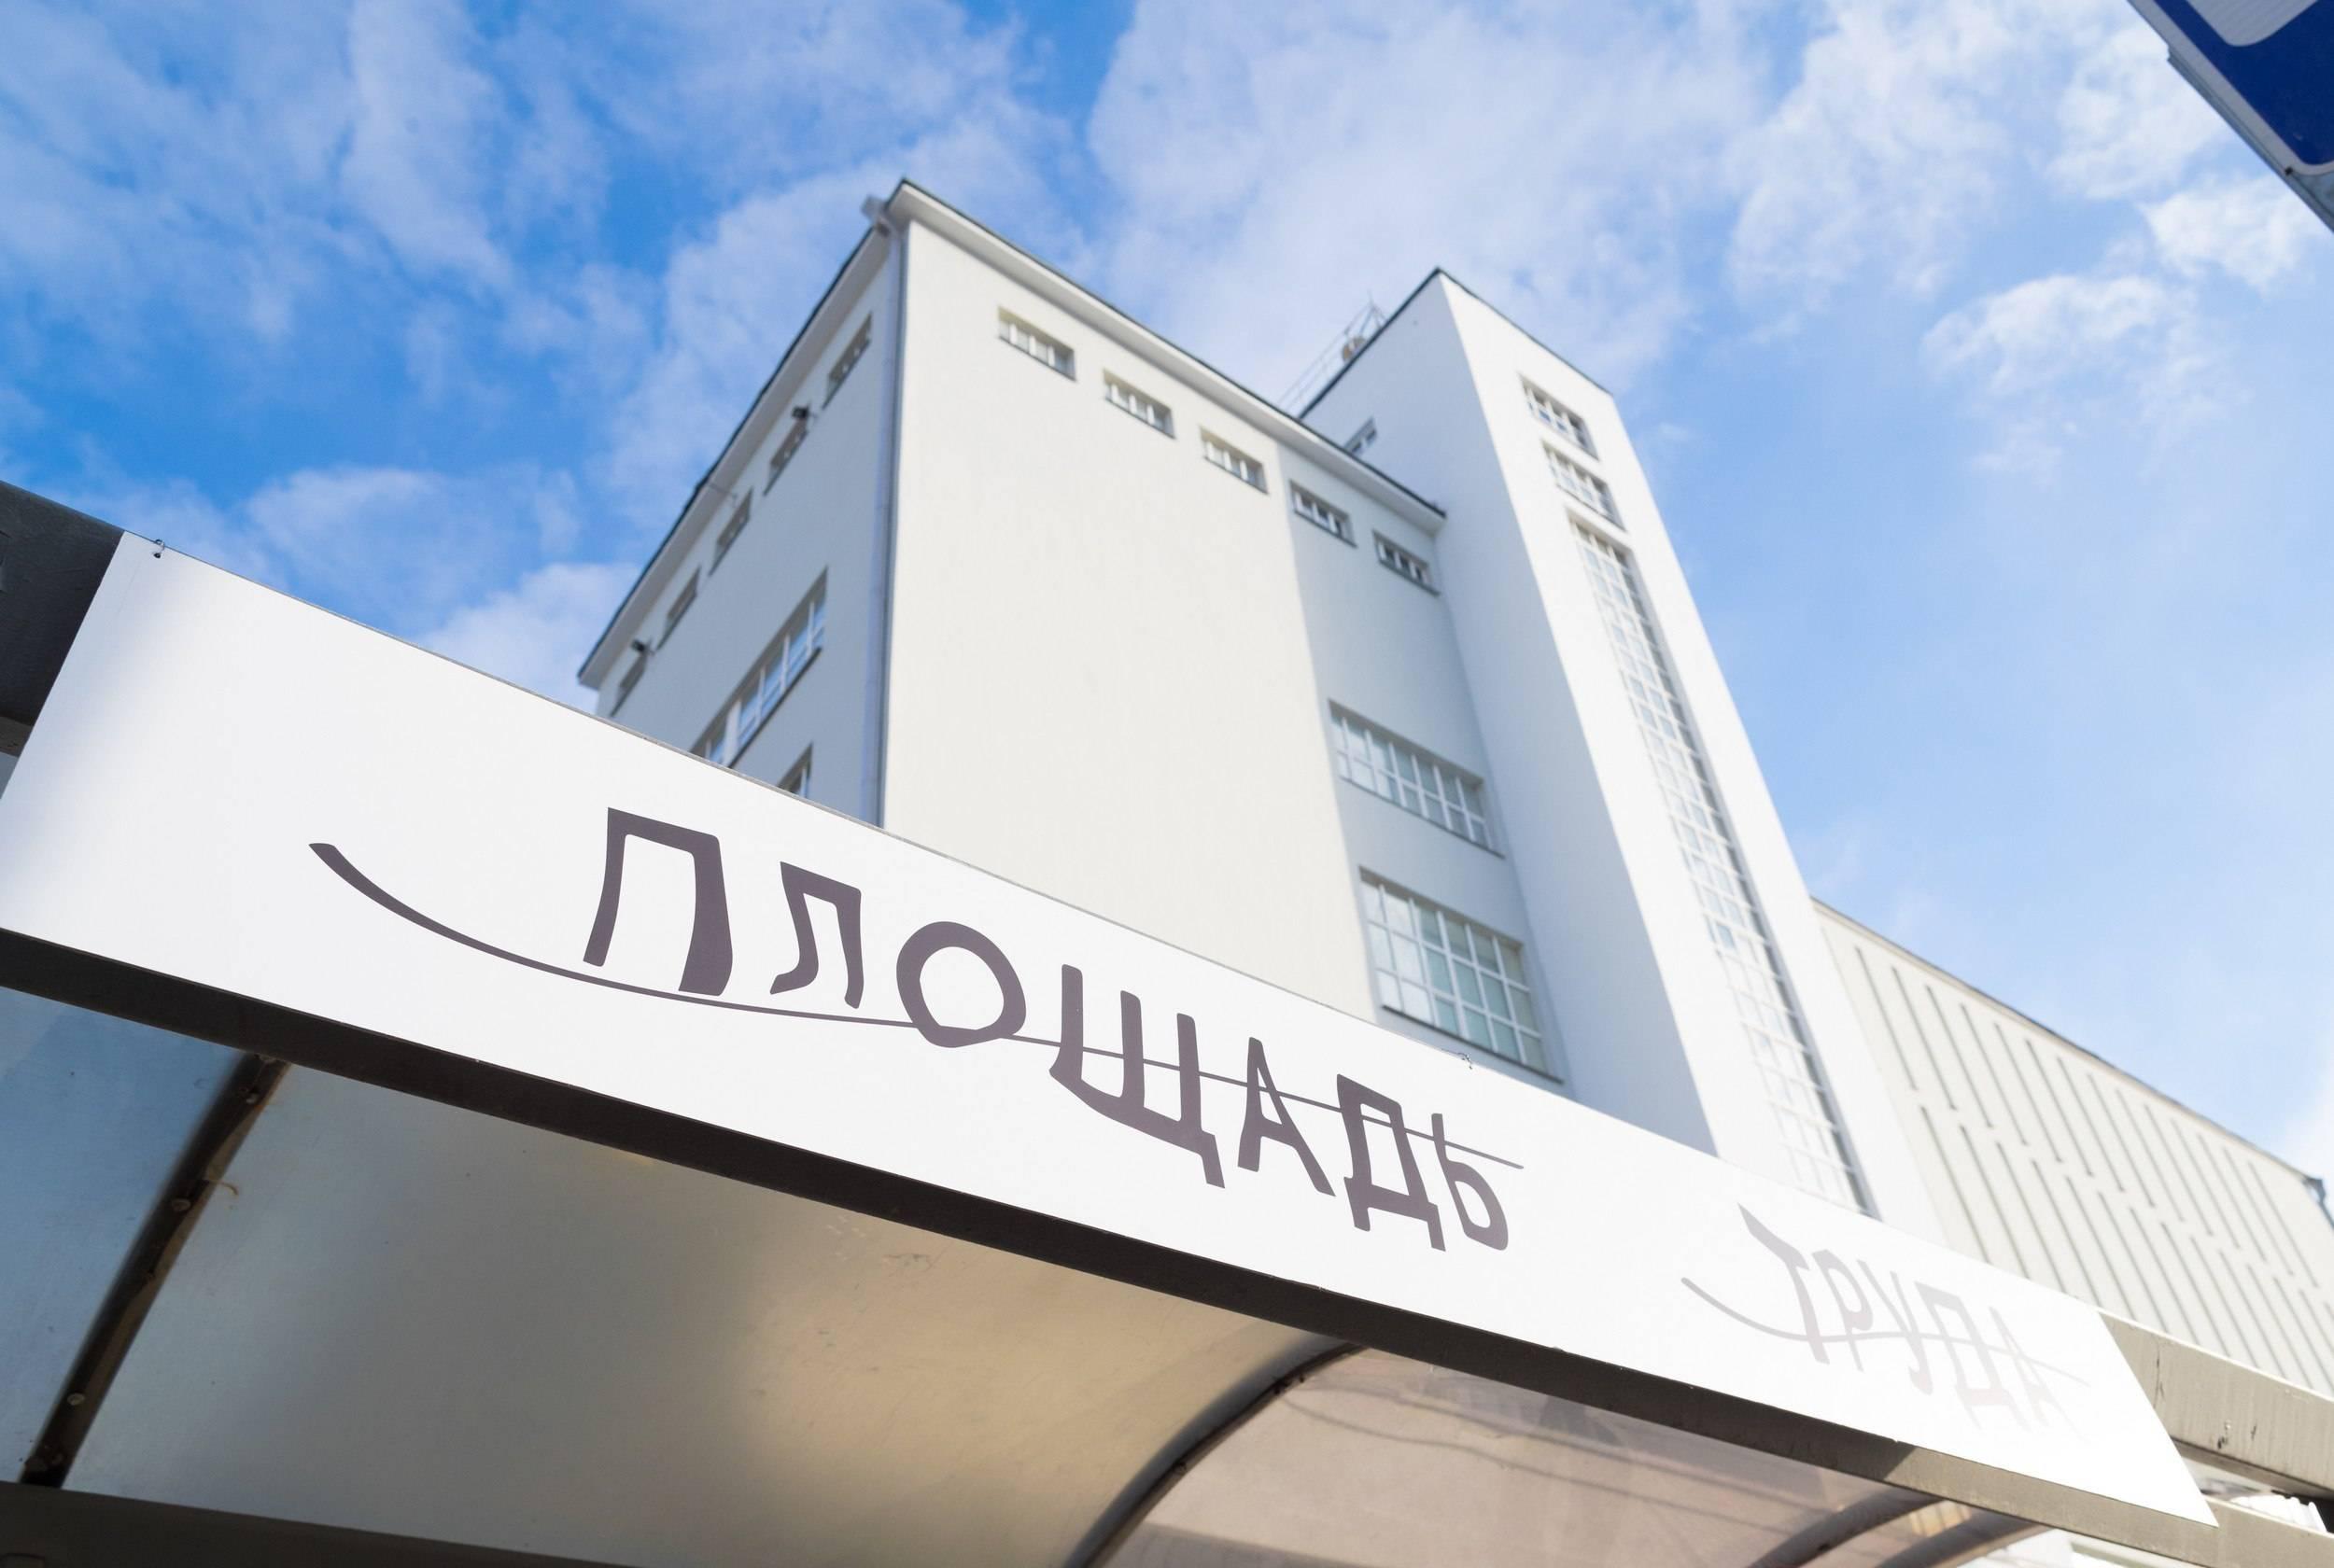 В центре Екатеринбурга вывески заменили «капчей» для отсеивания роботов 4